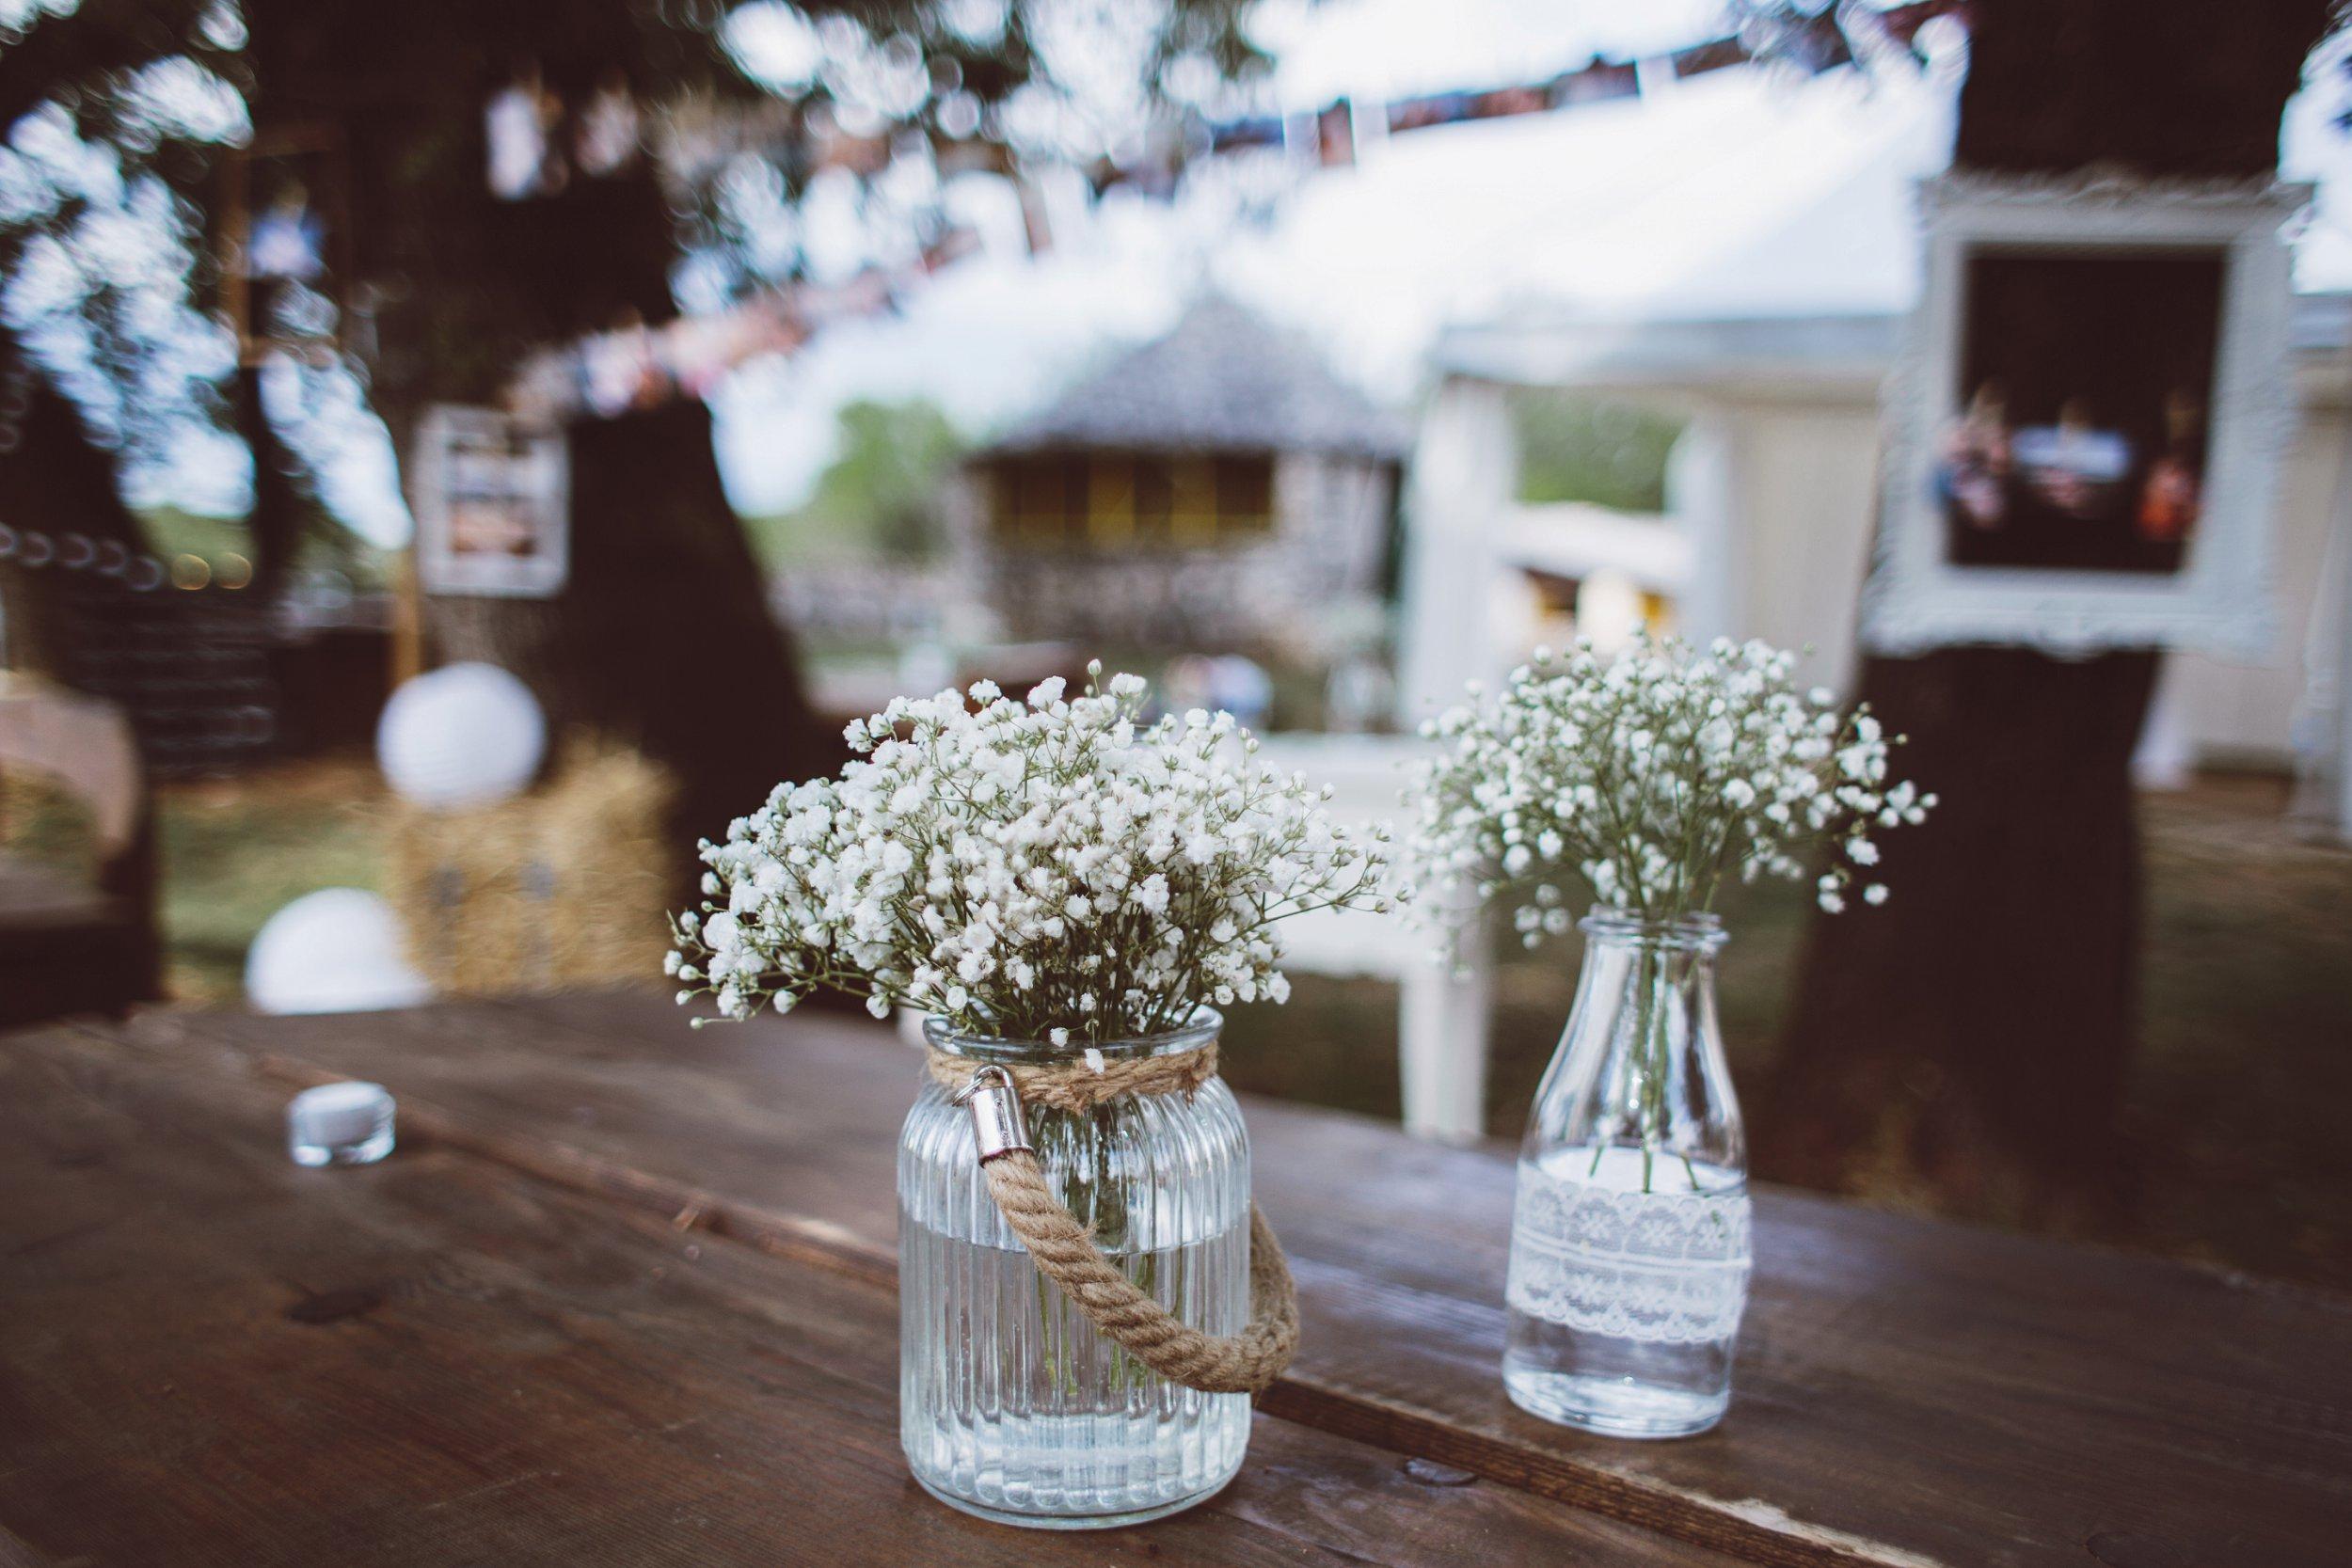 dalibora_bijelic_istria_wedding_0006